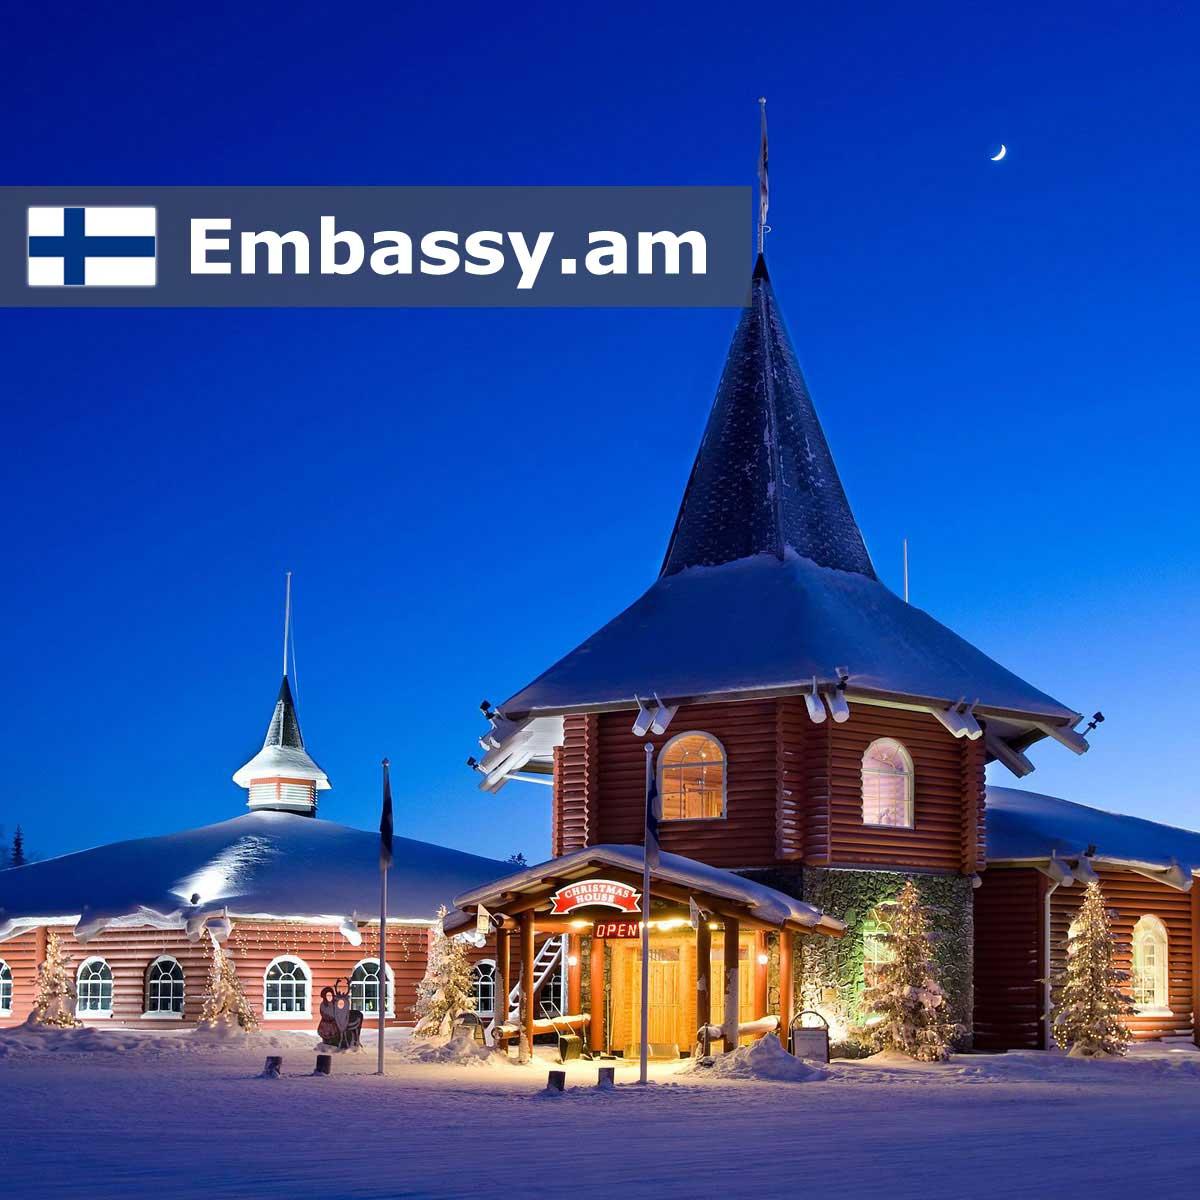 Рованиеми - Отели в Финляндии - Embassy.am